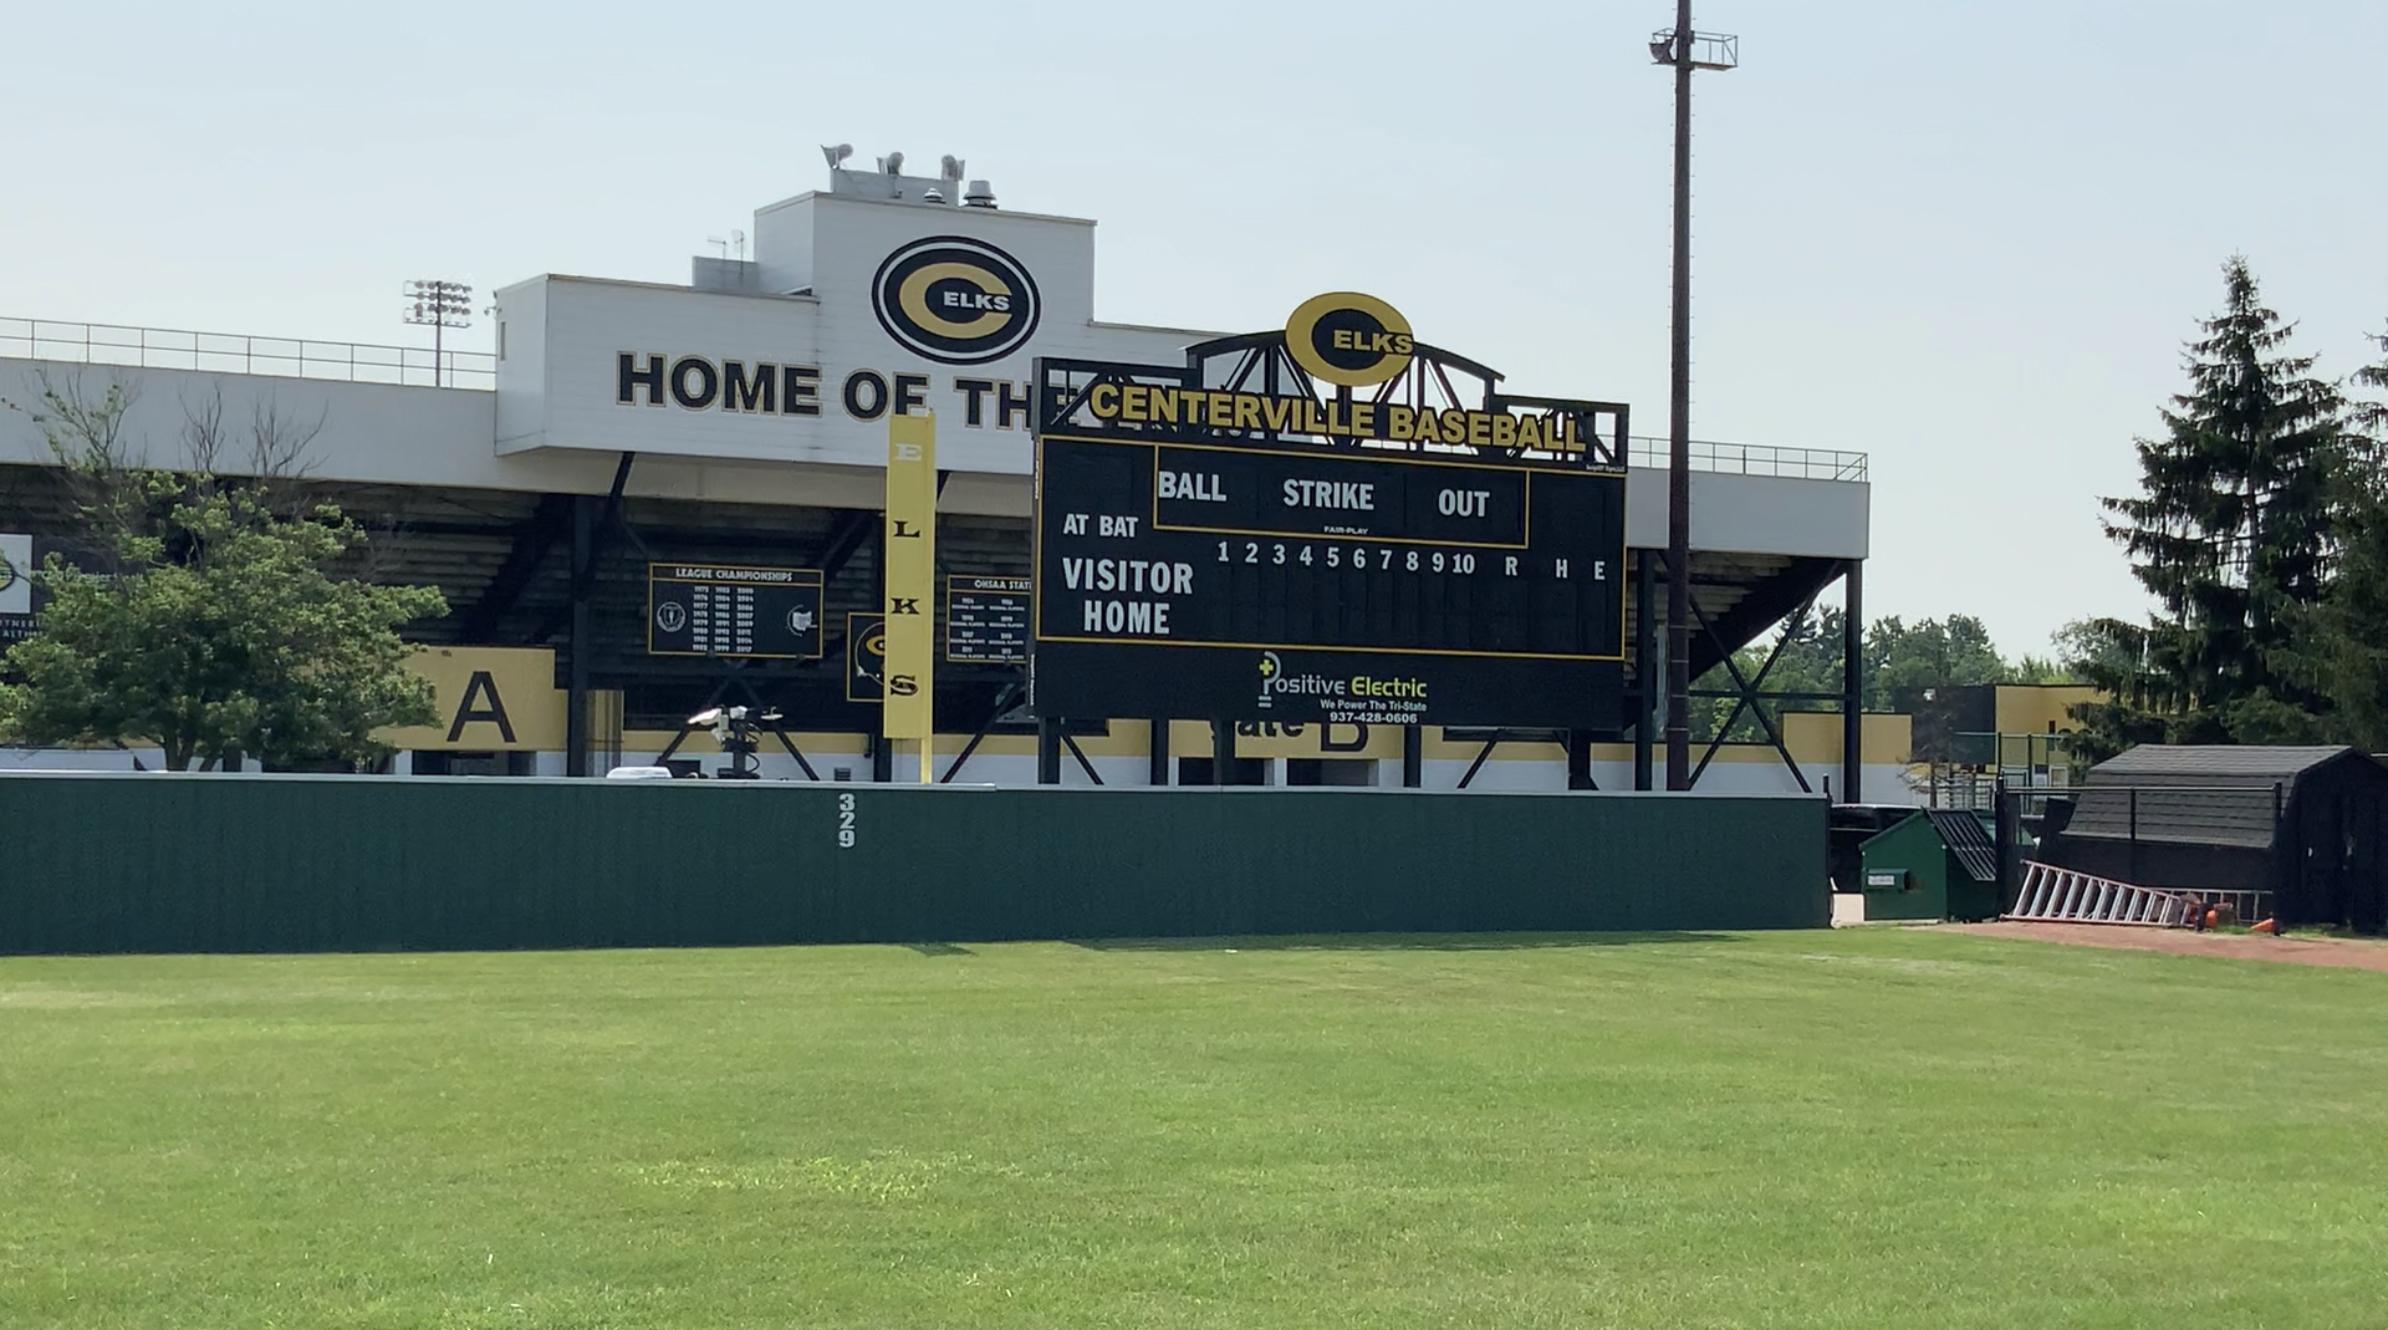 Centerville High School Athletics